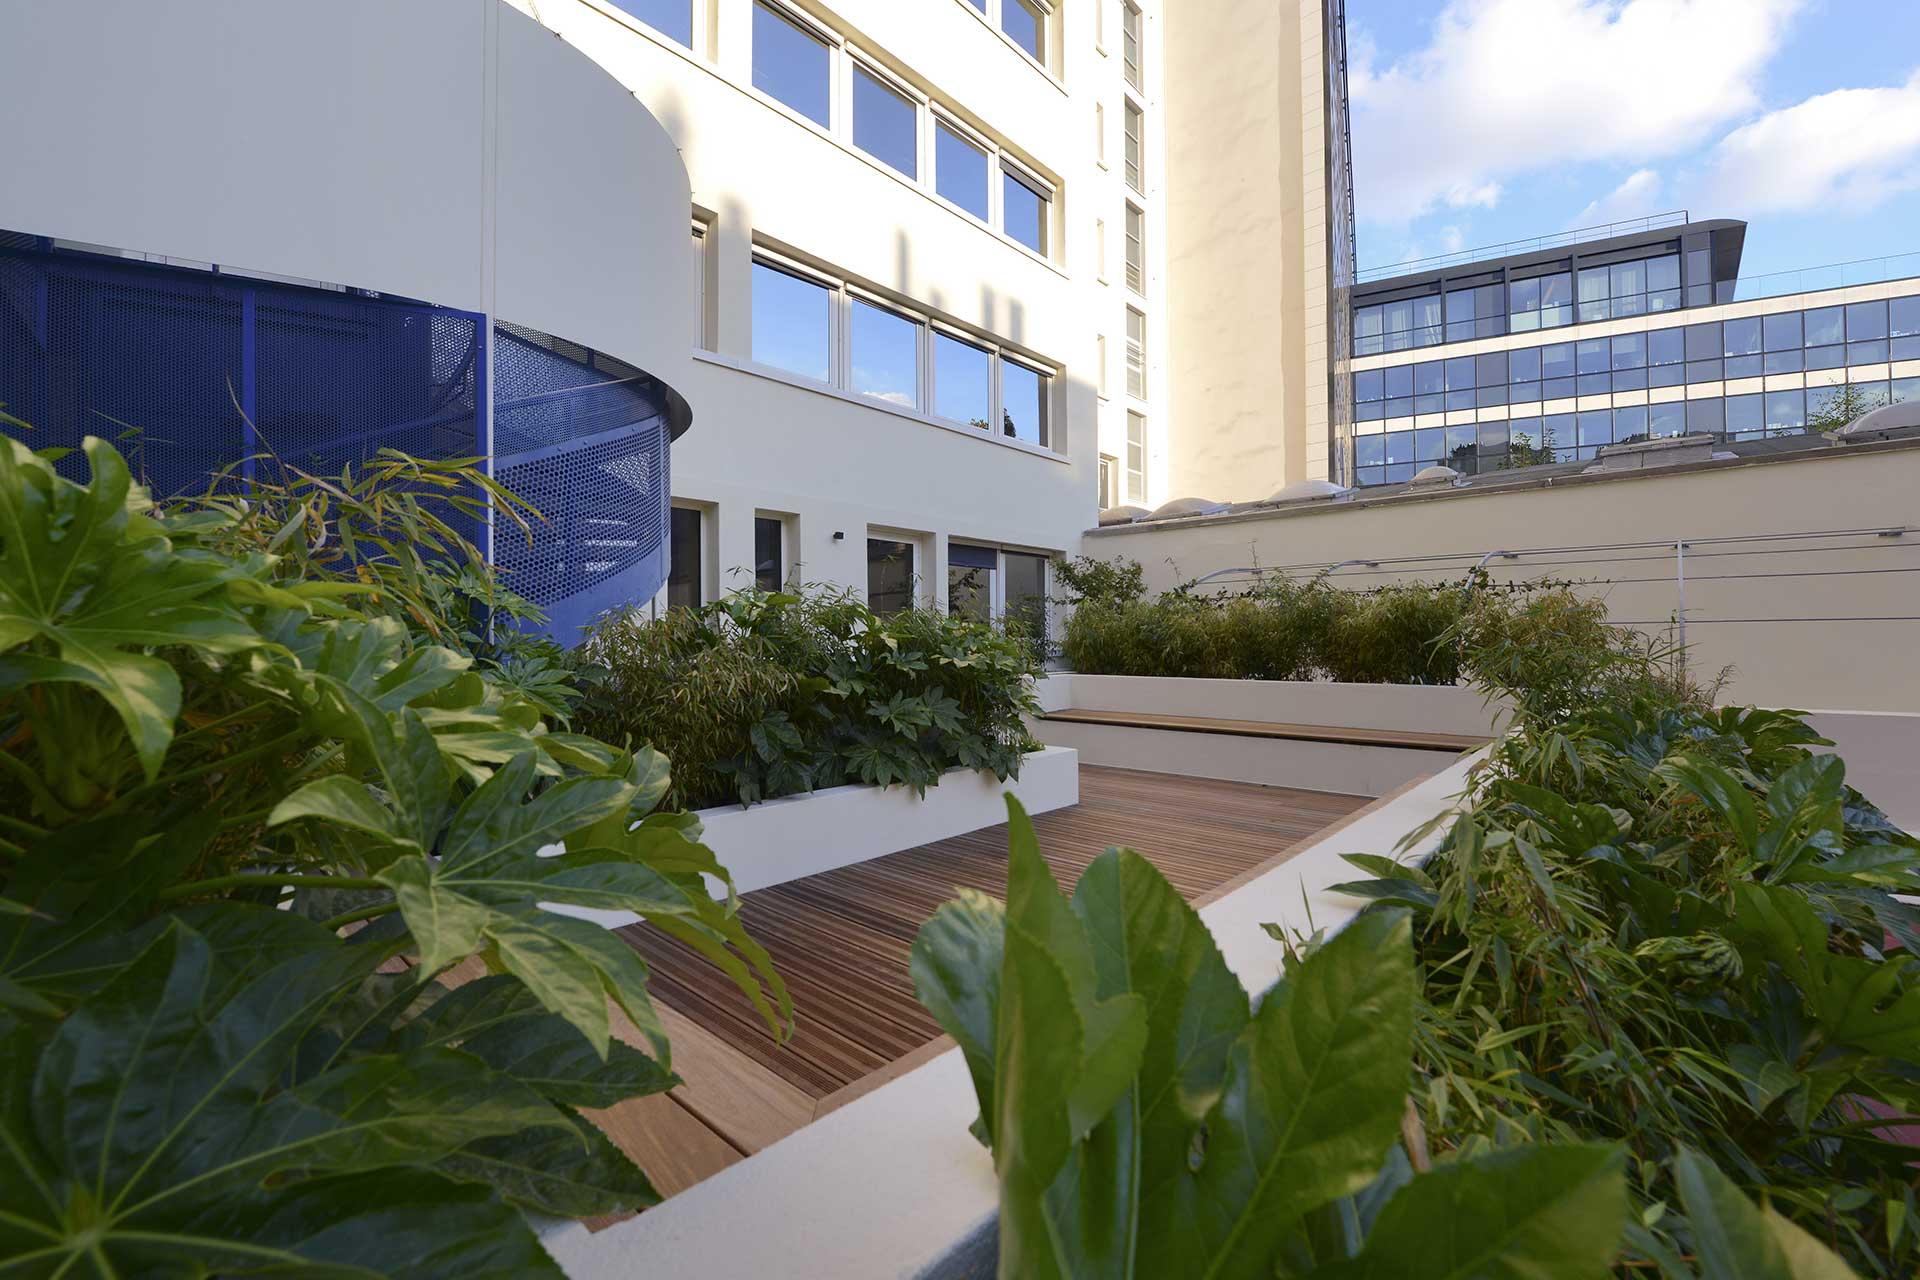 145 Avenue Charles de Gaulle 92200 Neuilly-sur-Seine